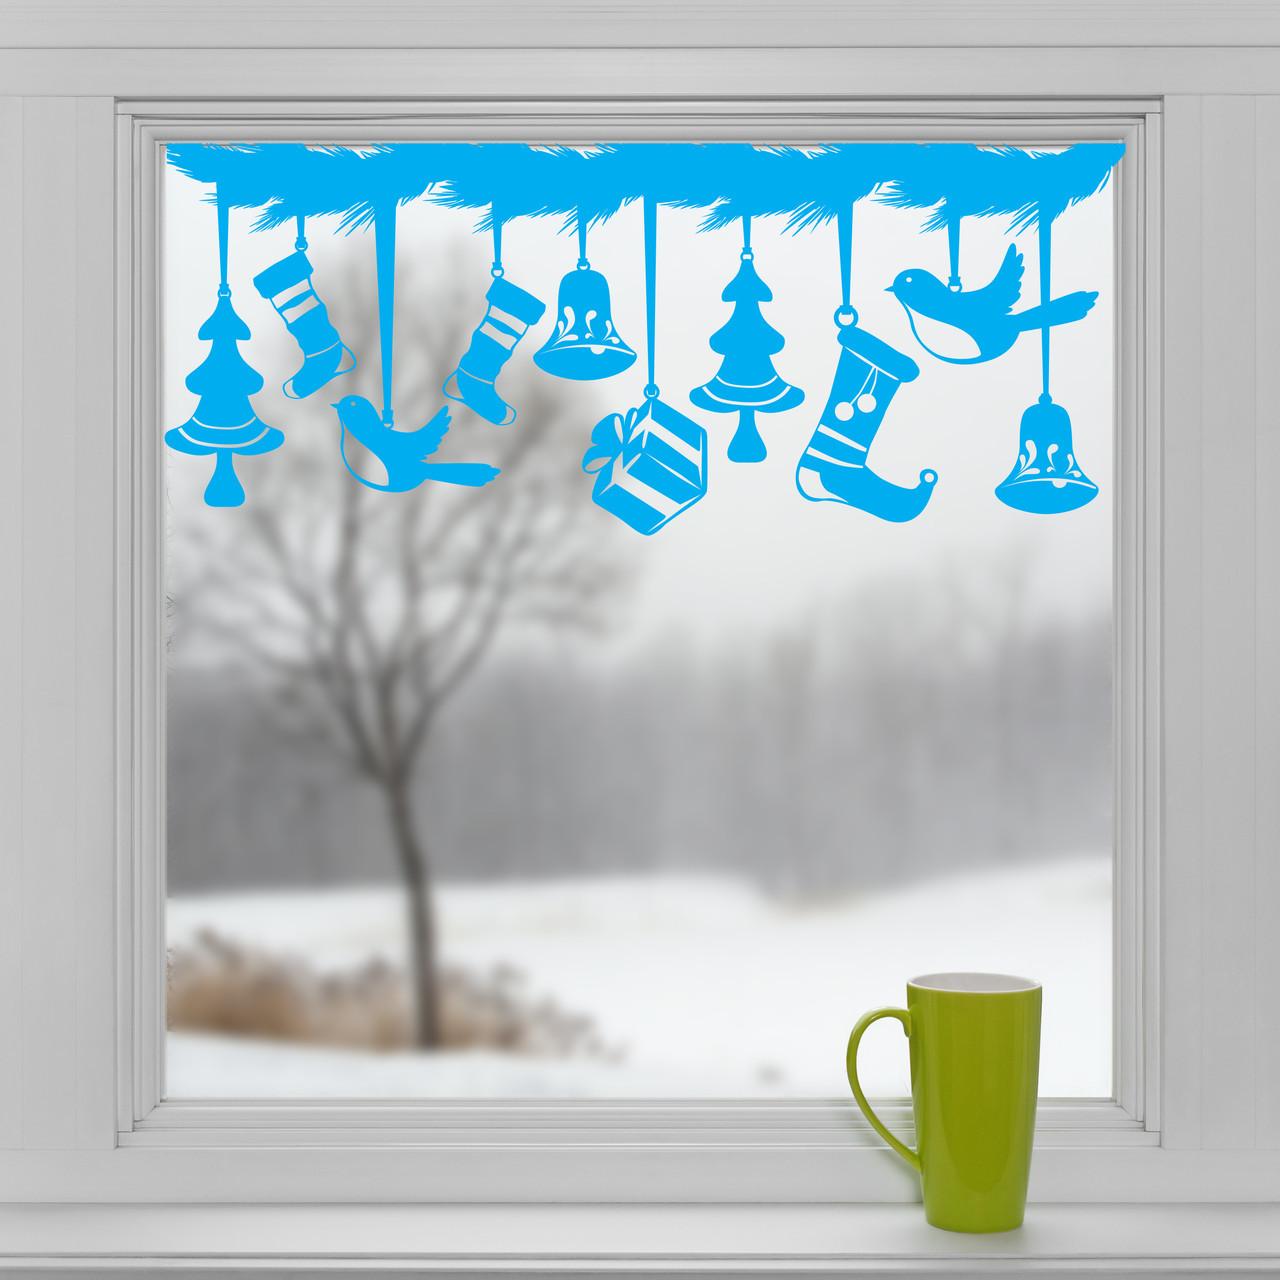 Новогодние наклейки на окна для дома, витрин магазинов, кафе, кухни, детской 1100х500 мм Еловая ветвь Три окна